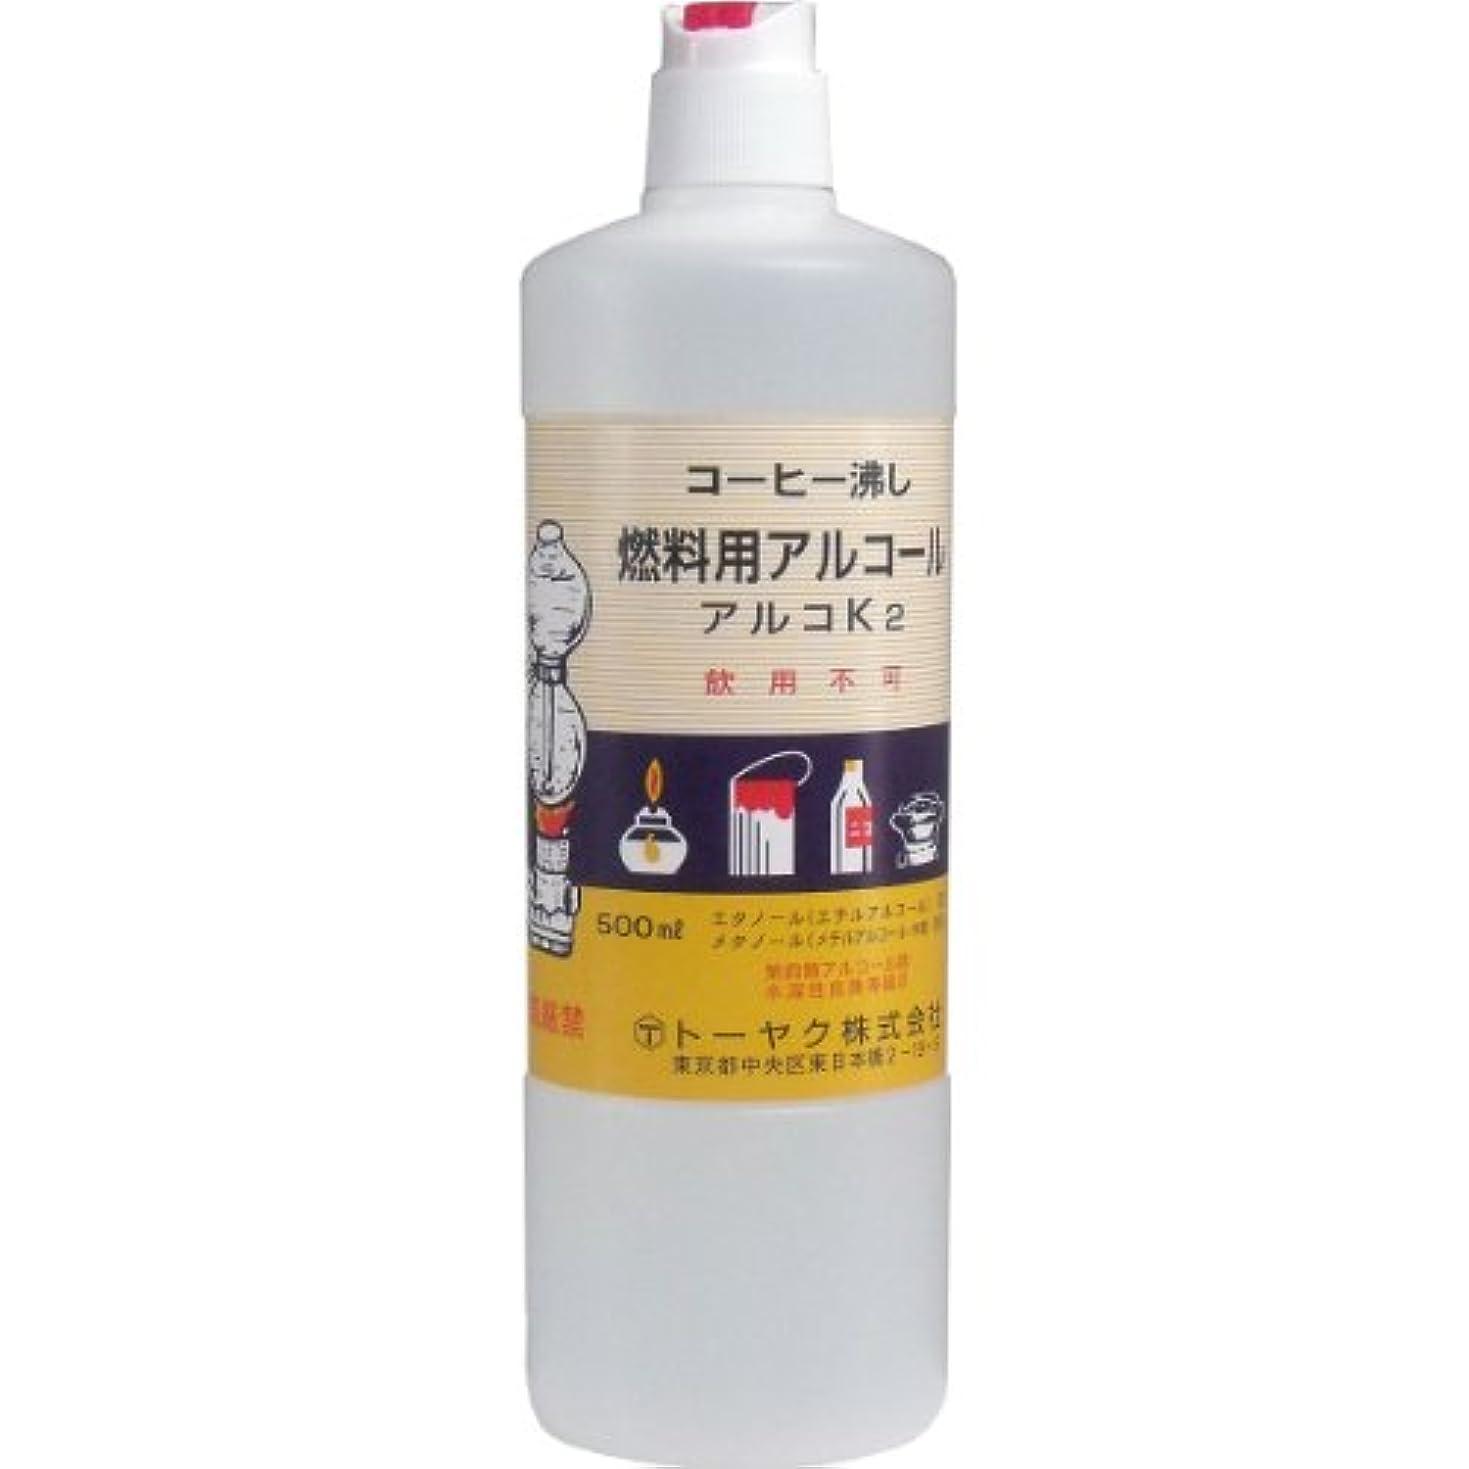 振幅存在する成功した燃料用アルコール アルコK2 ×3個セット